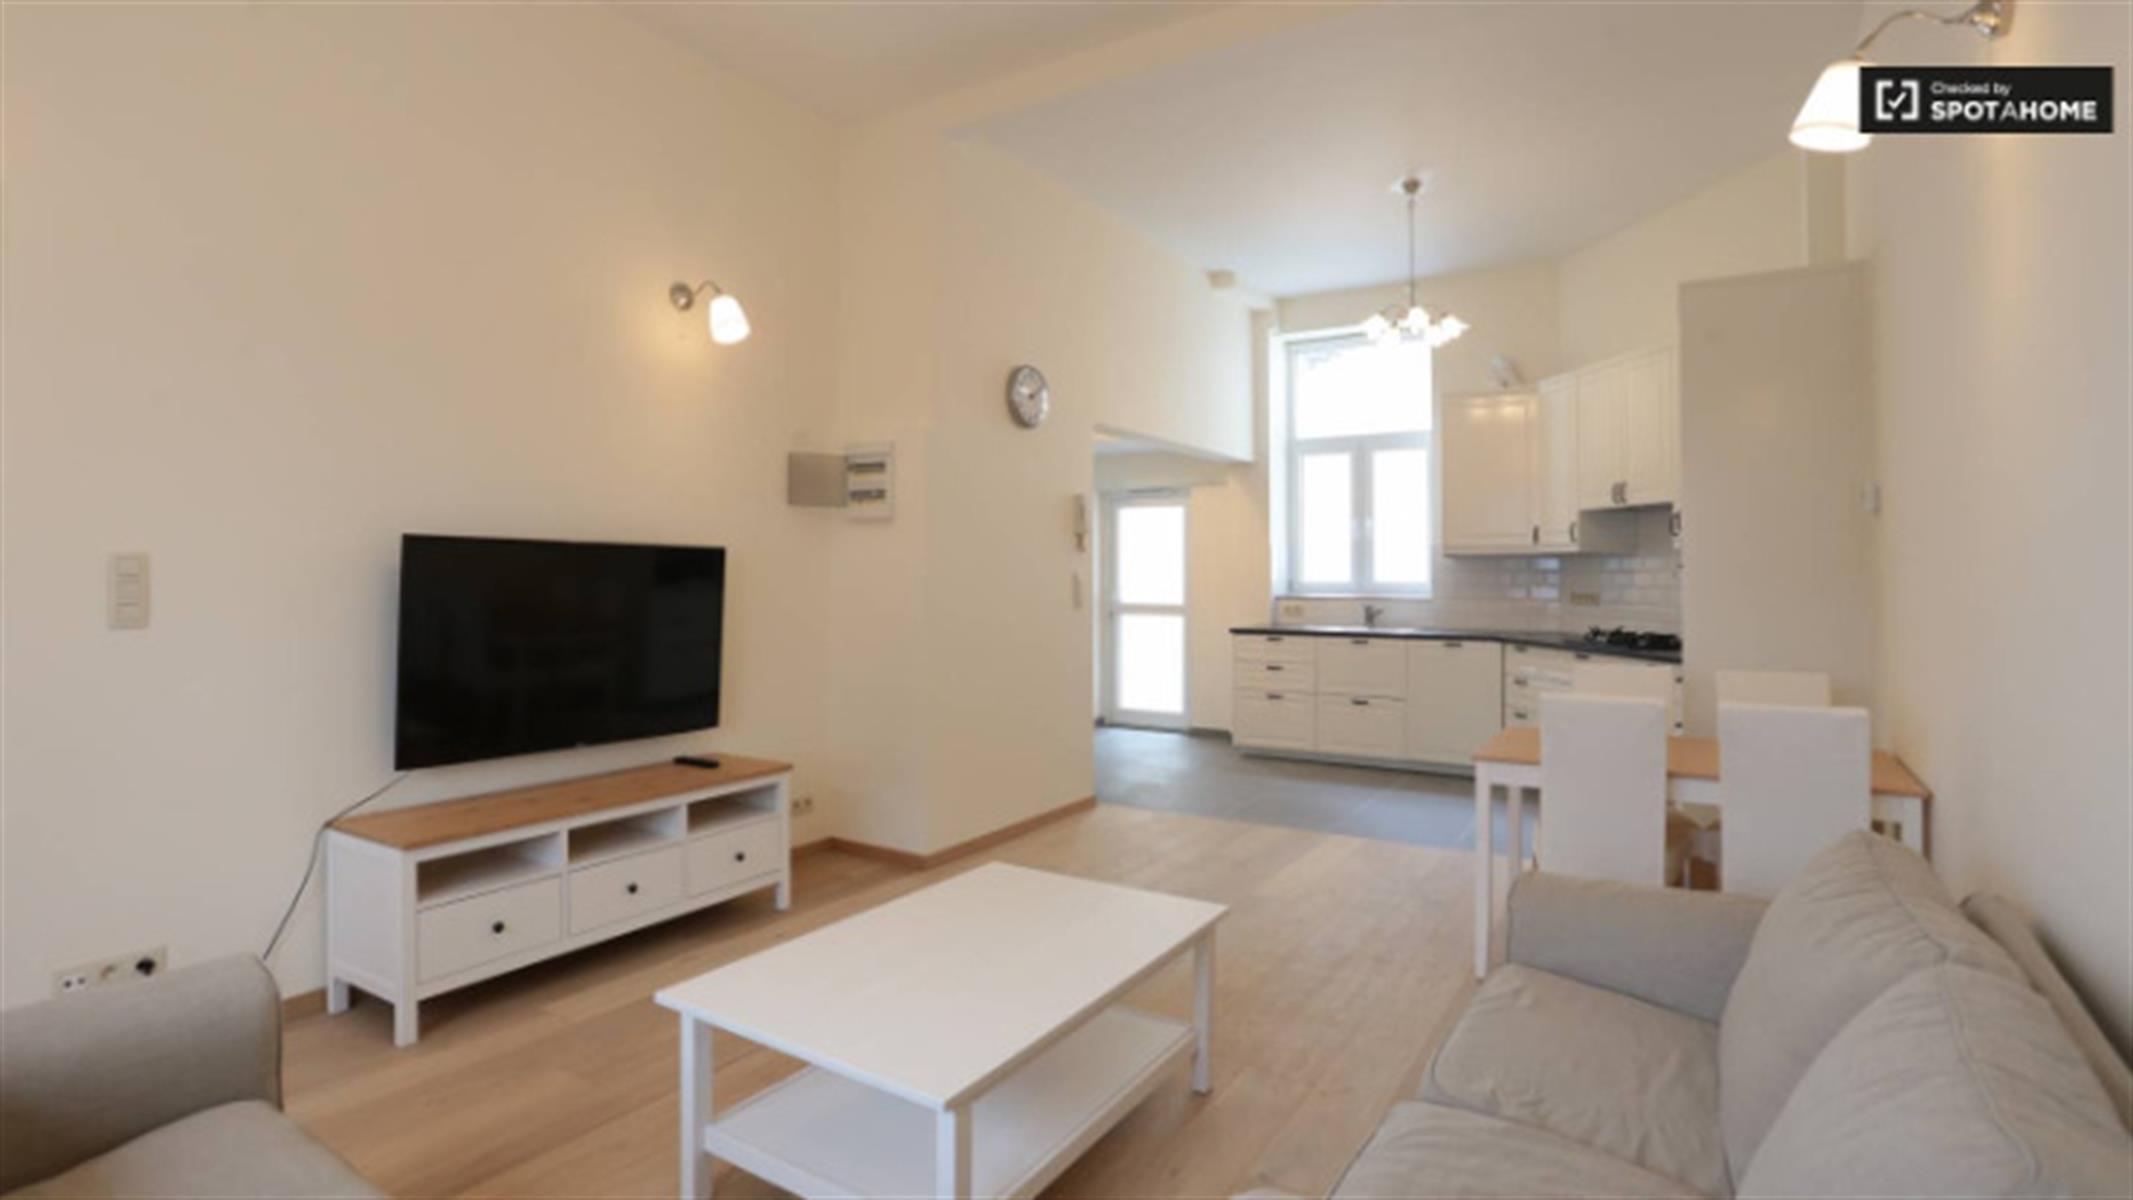 Duplex - Ixelles - #4150164-5